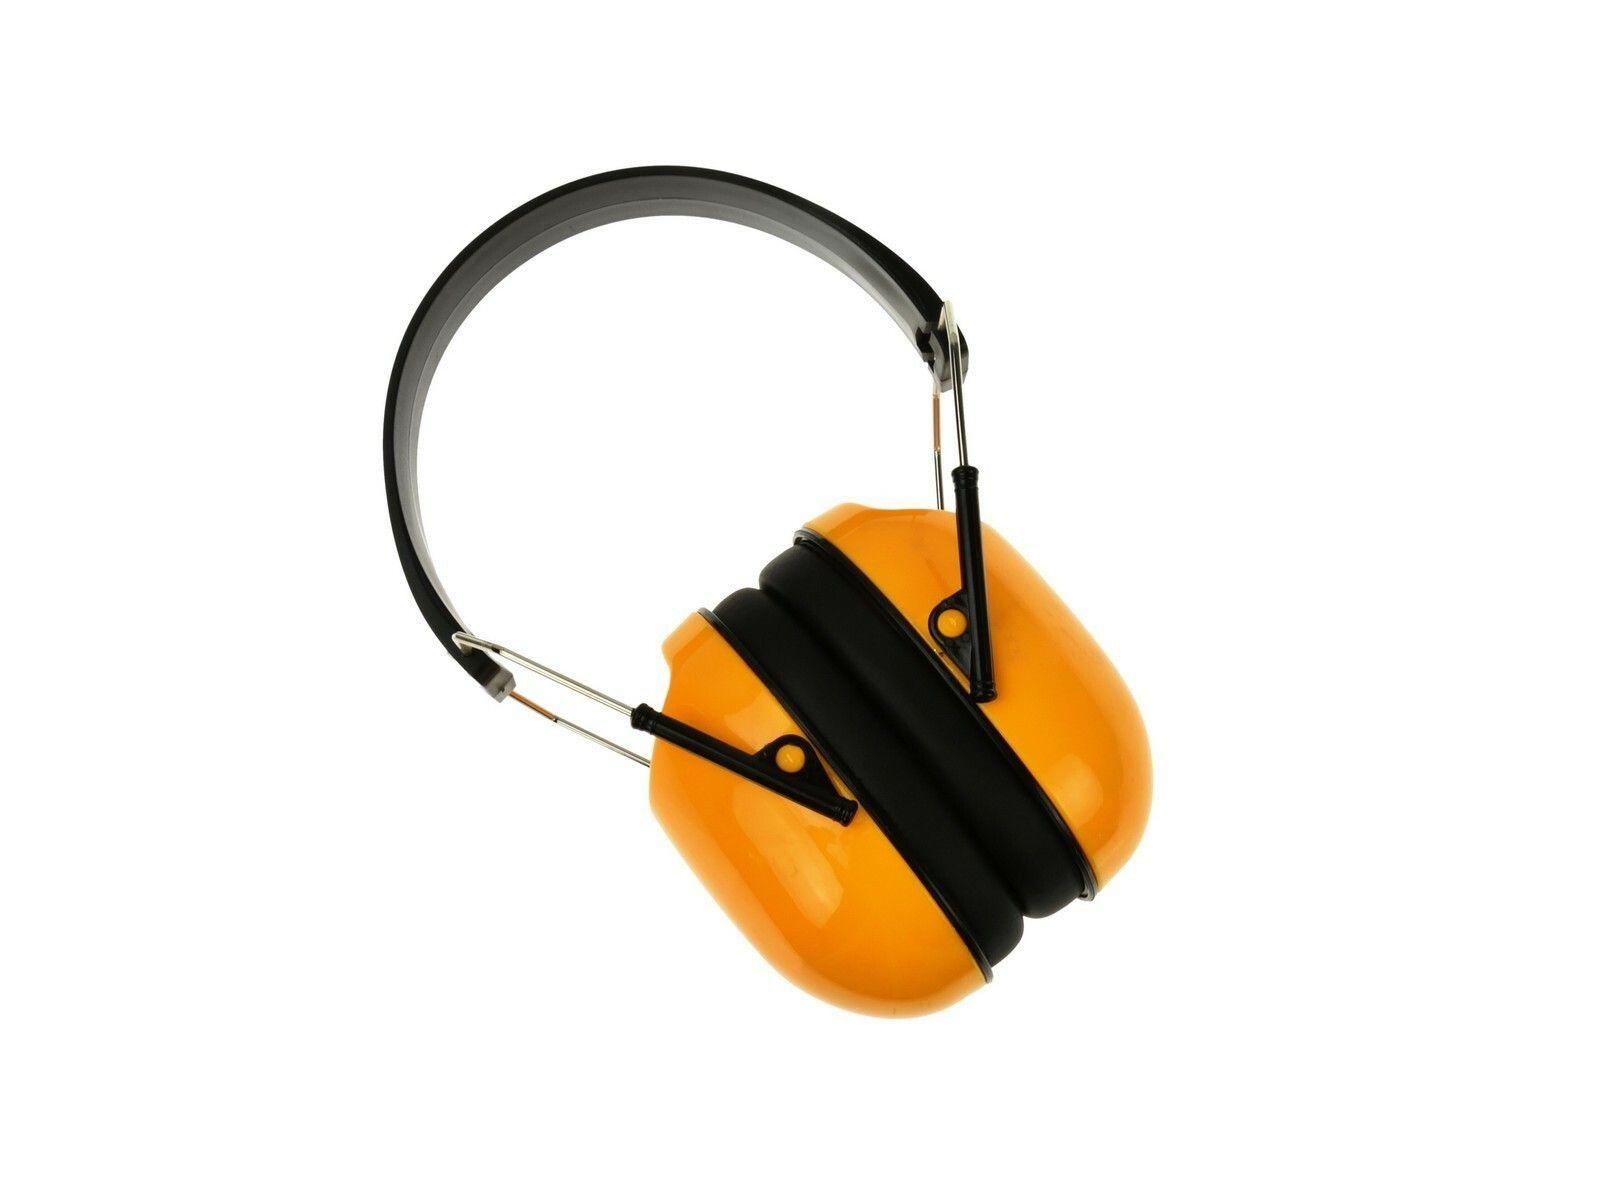 Chrániče sluchu 21dB GEKO